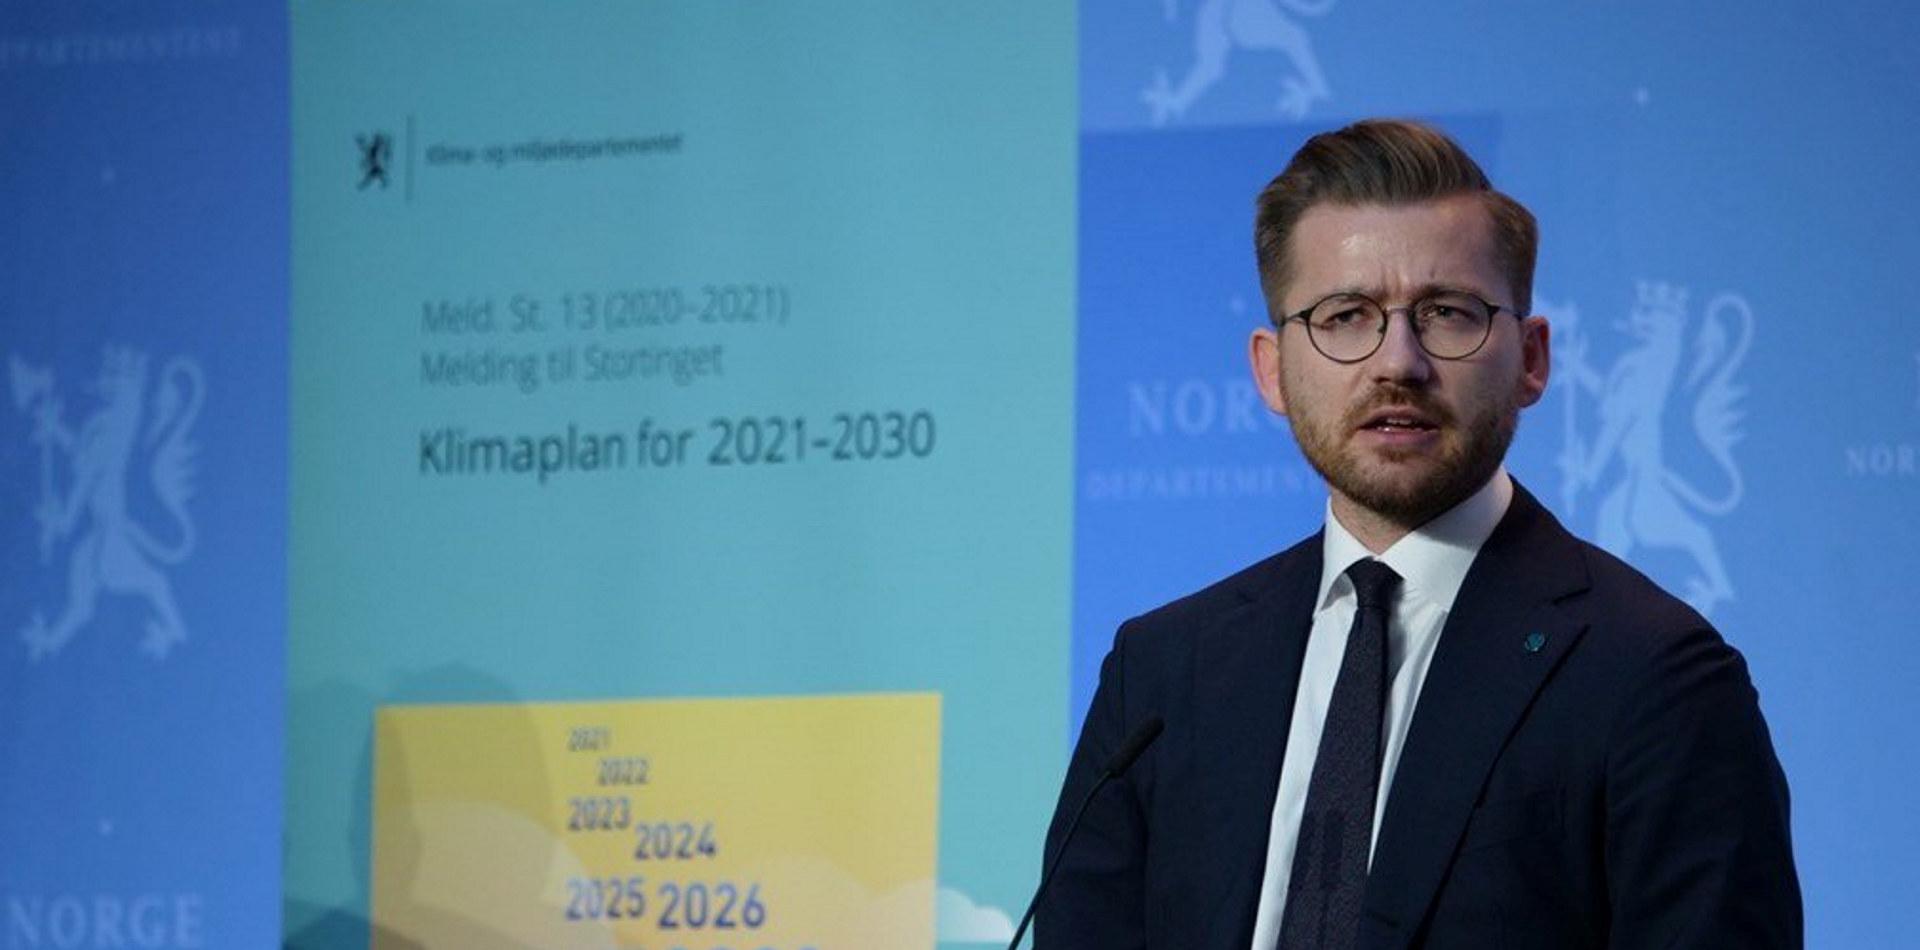 Klima- og miljøminister Sveinung Rotevatn ved fremleggelsen av Klimaplan 2030. Foto: Martin Lerberg Fossum / KLD